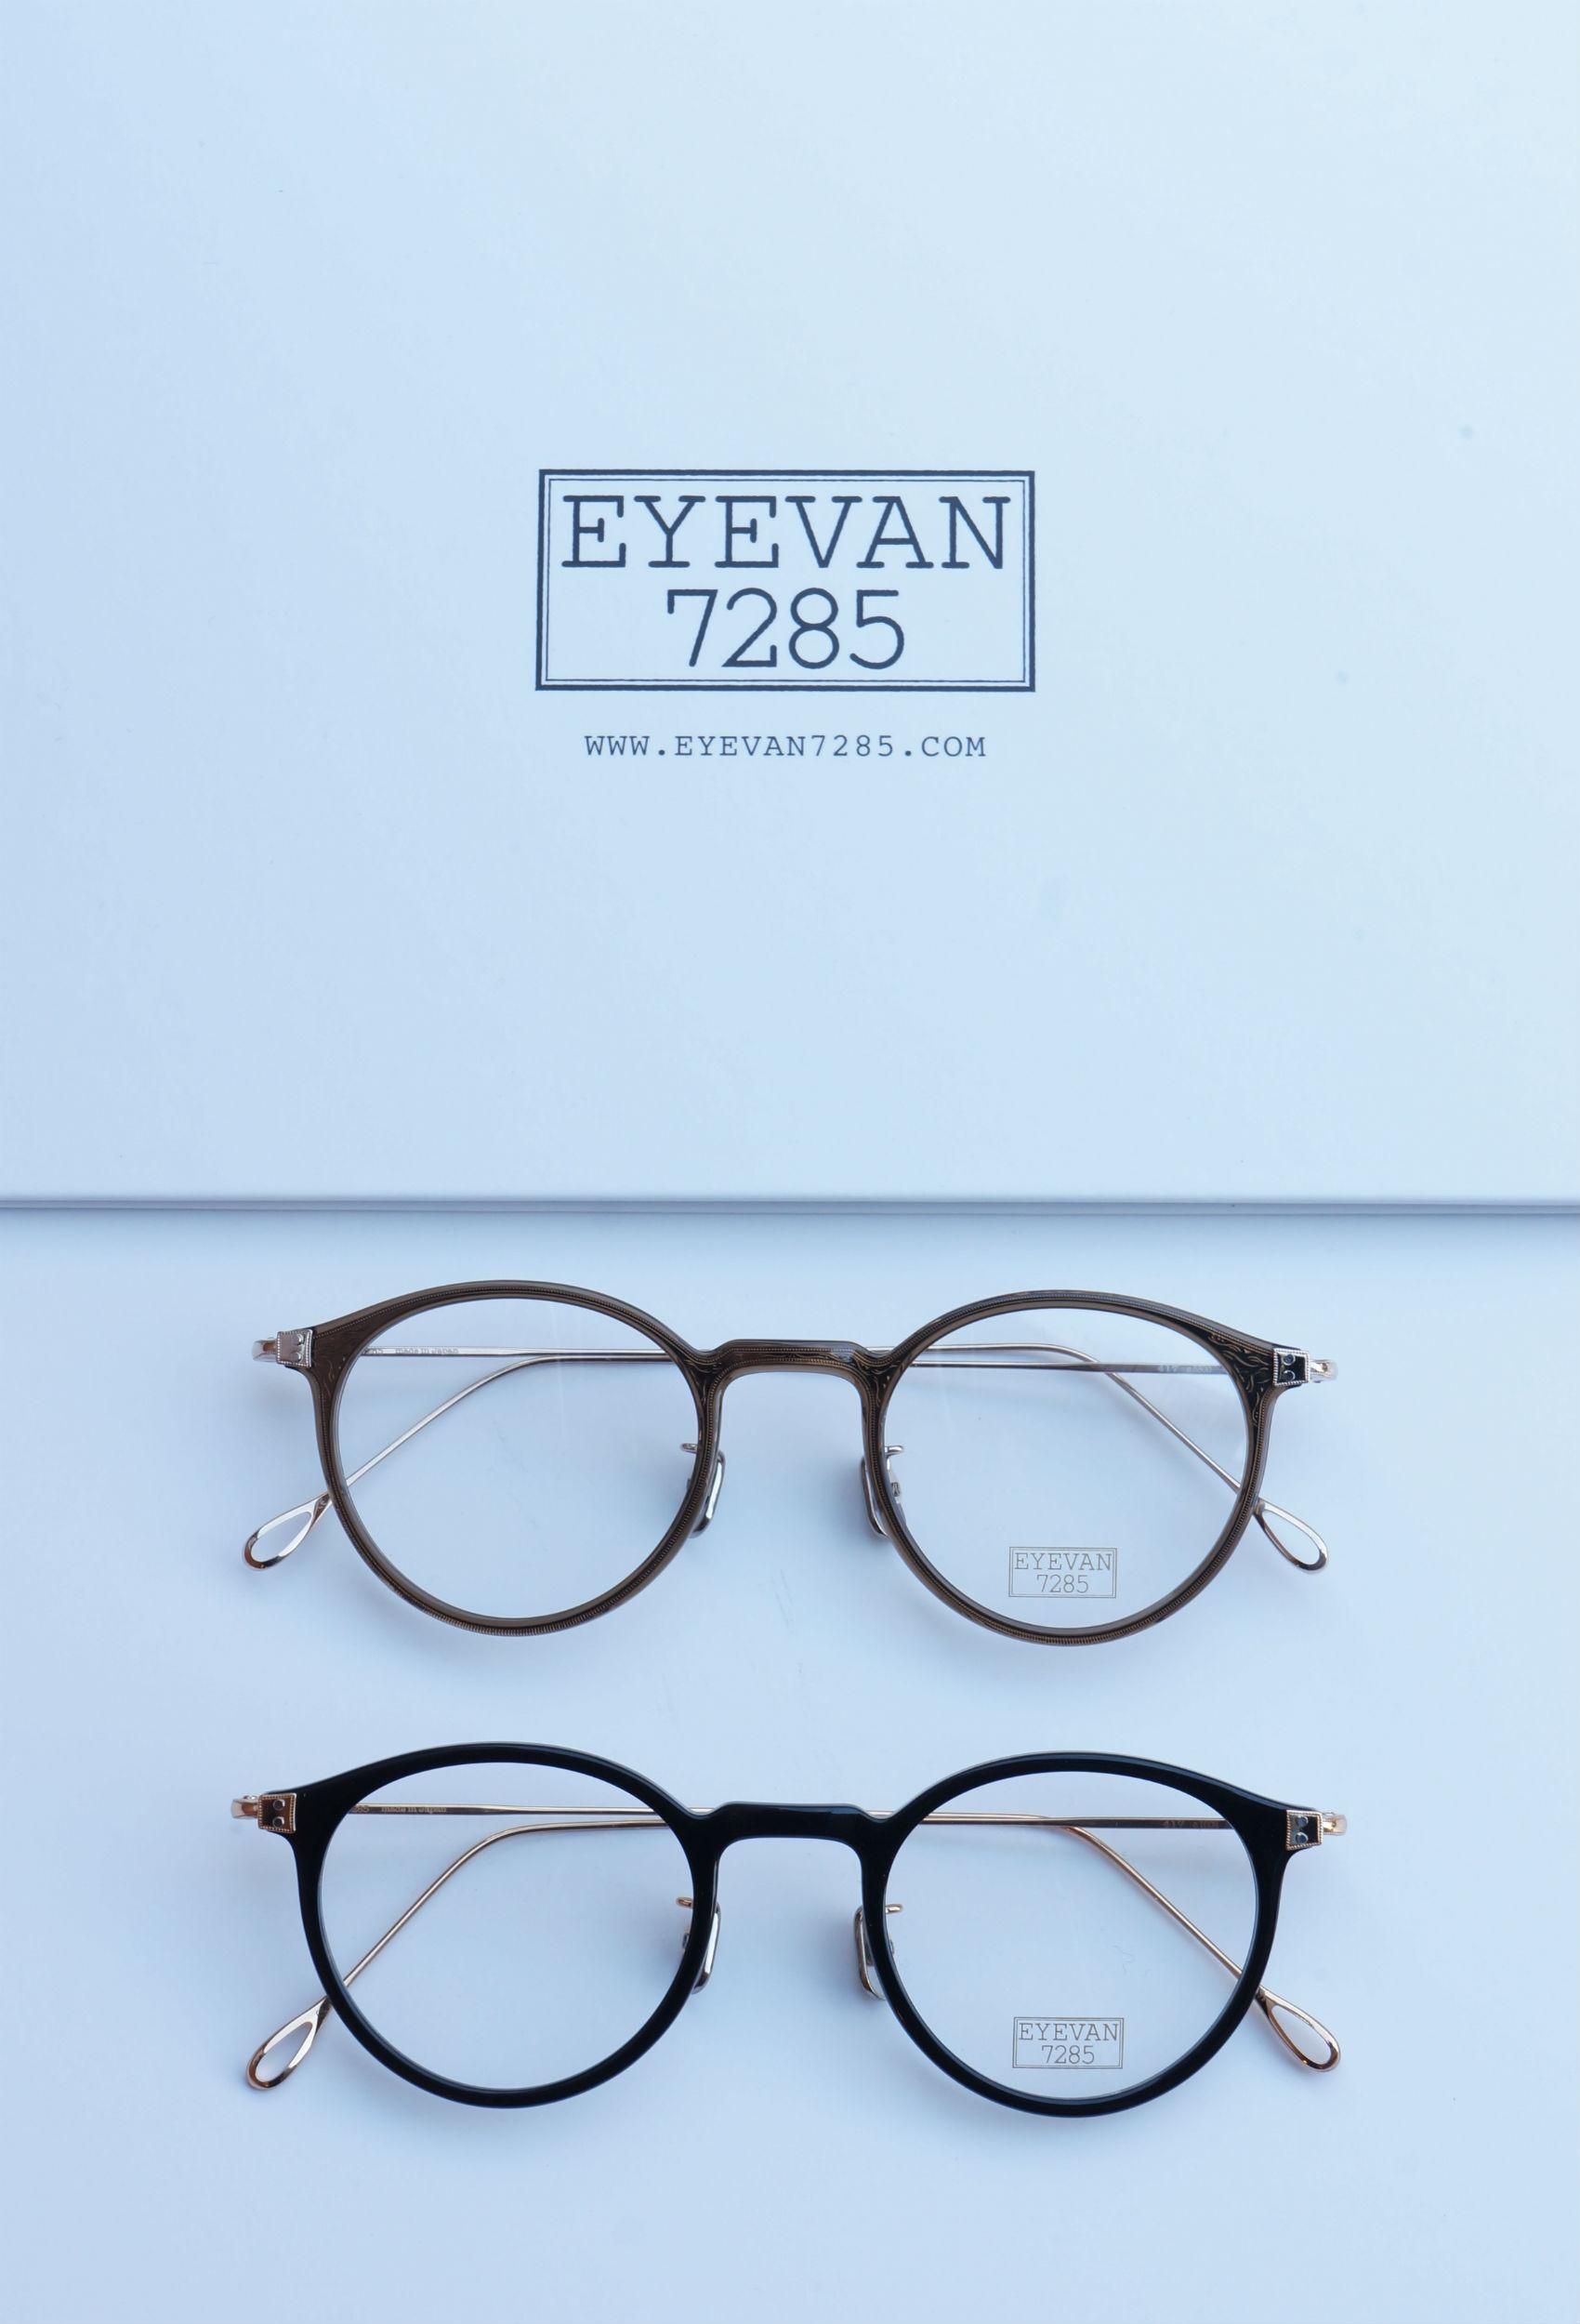 EYEVAN 7285-417